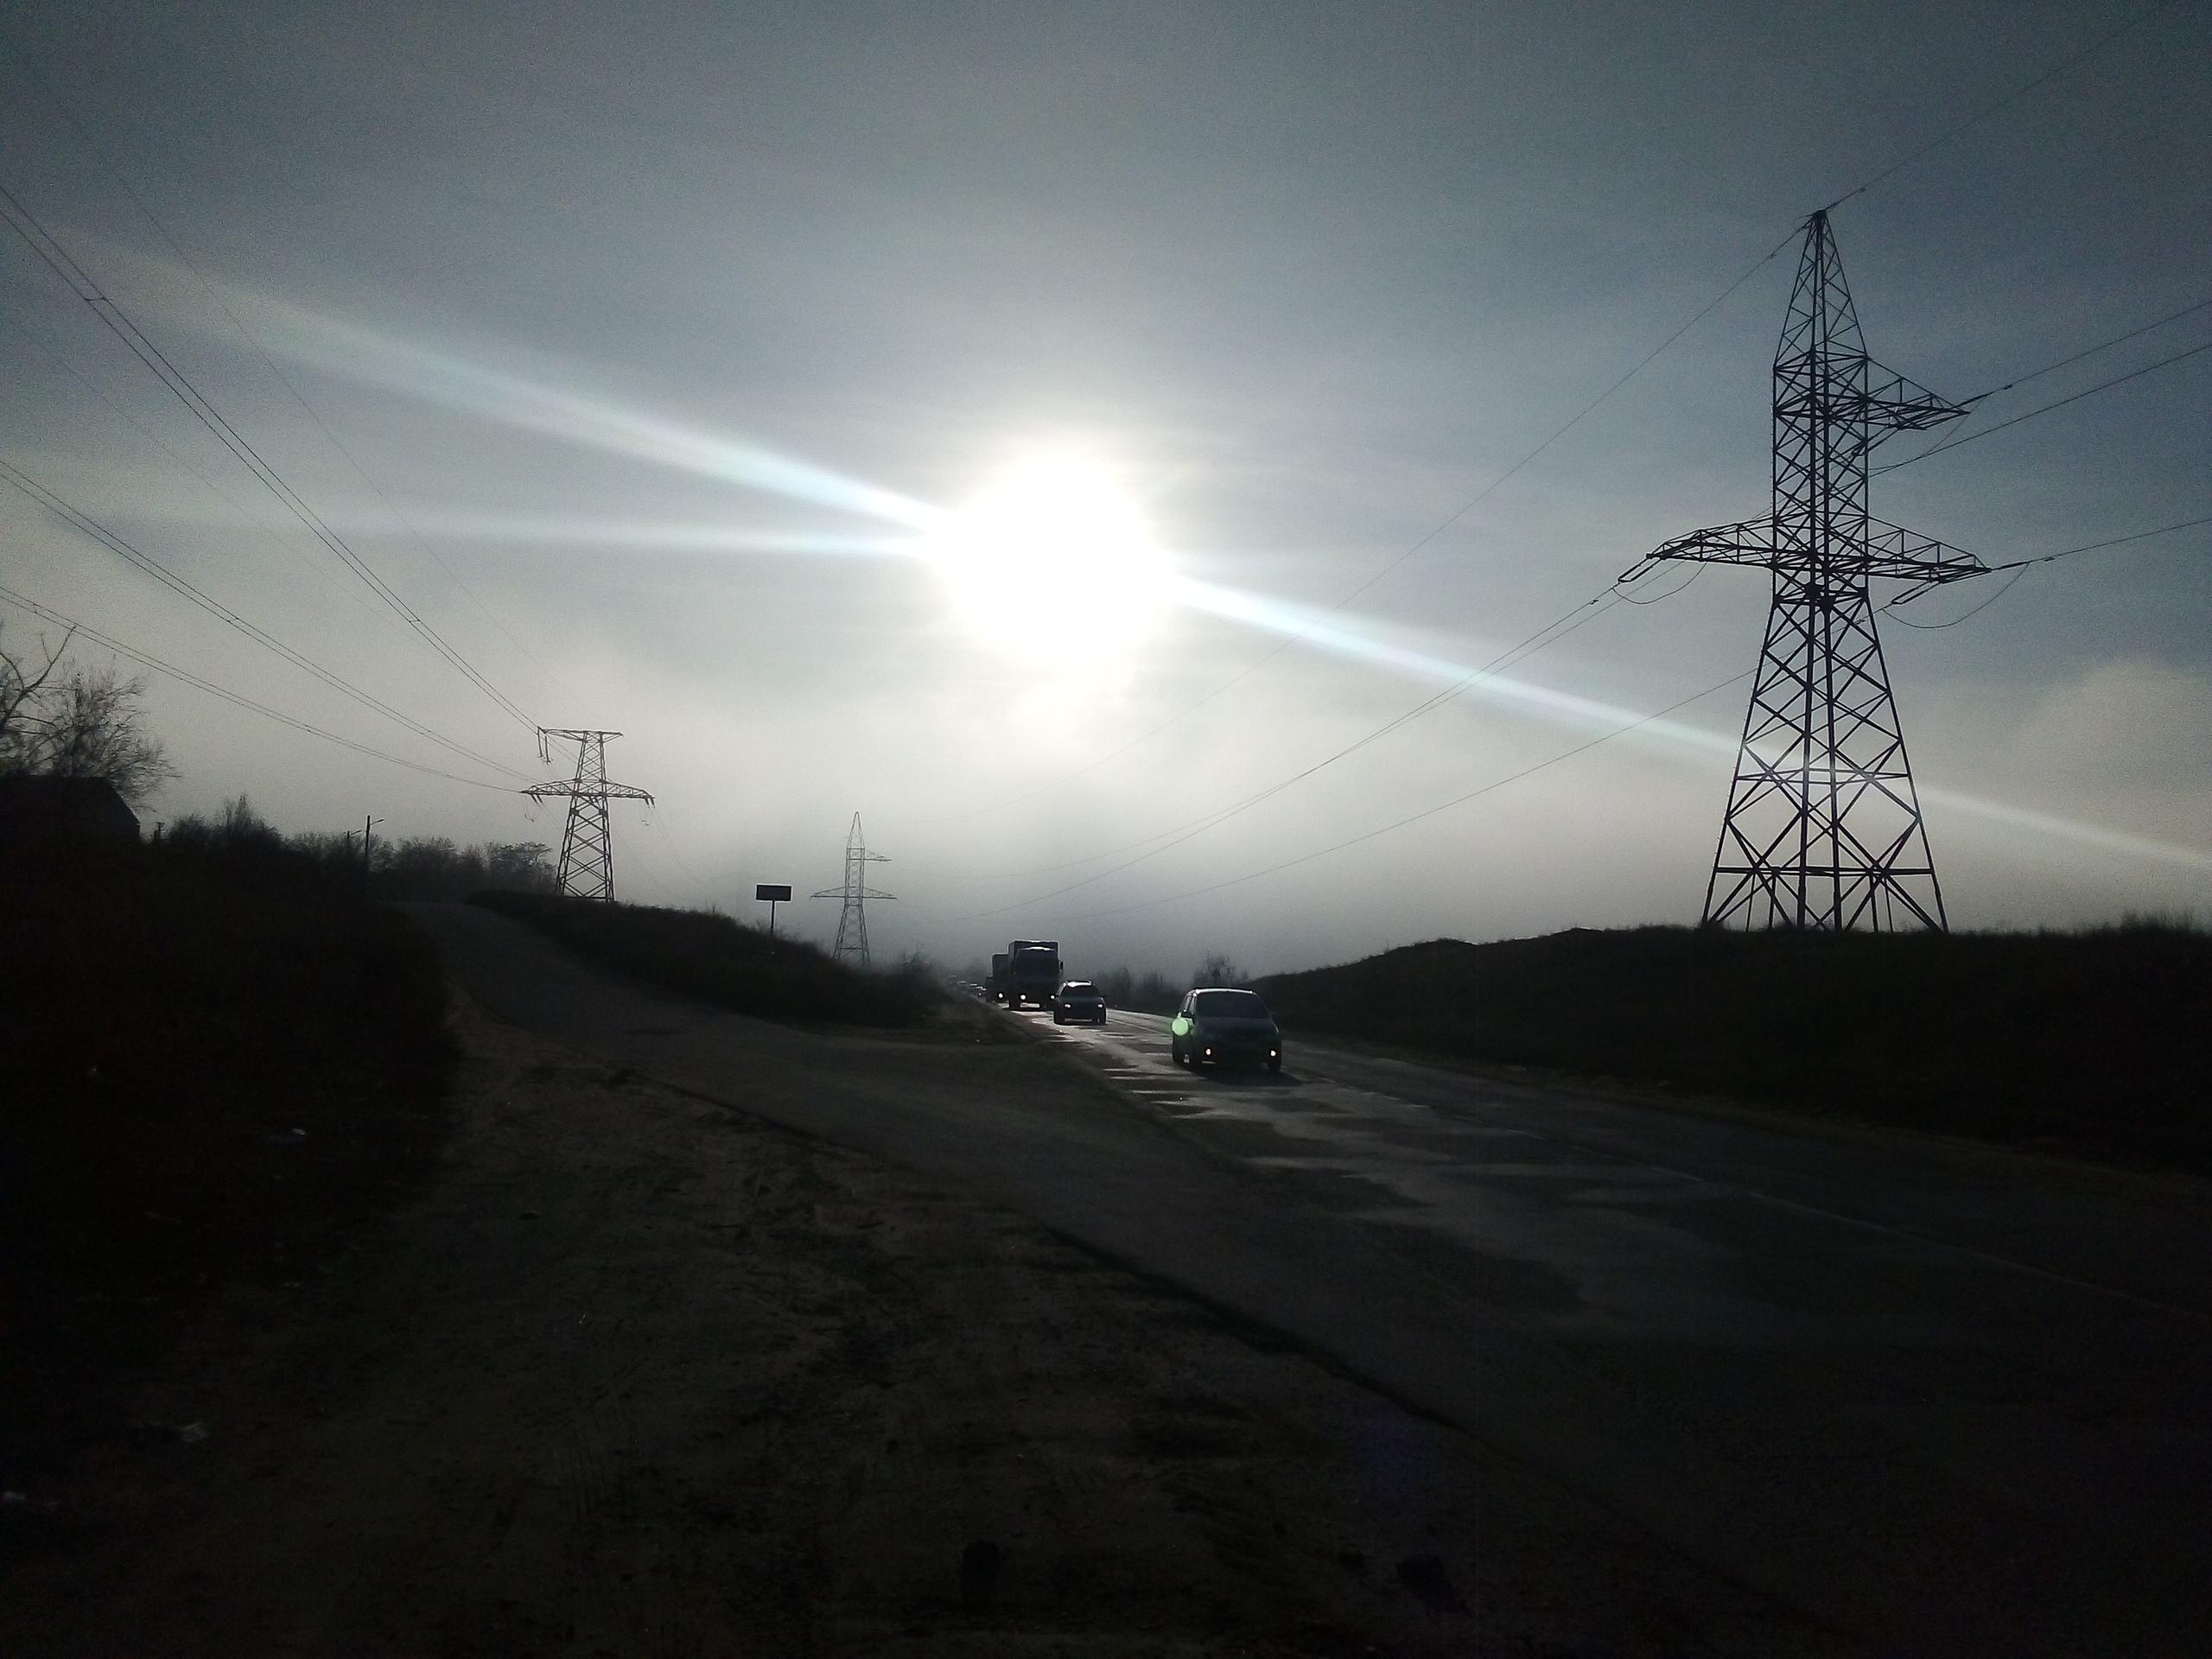 Перекрёсток Туманной сферы и прекрасный закат Солнца в три луча.